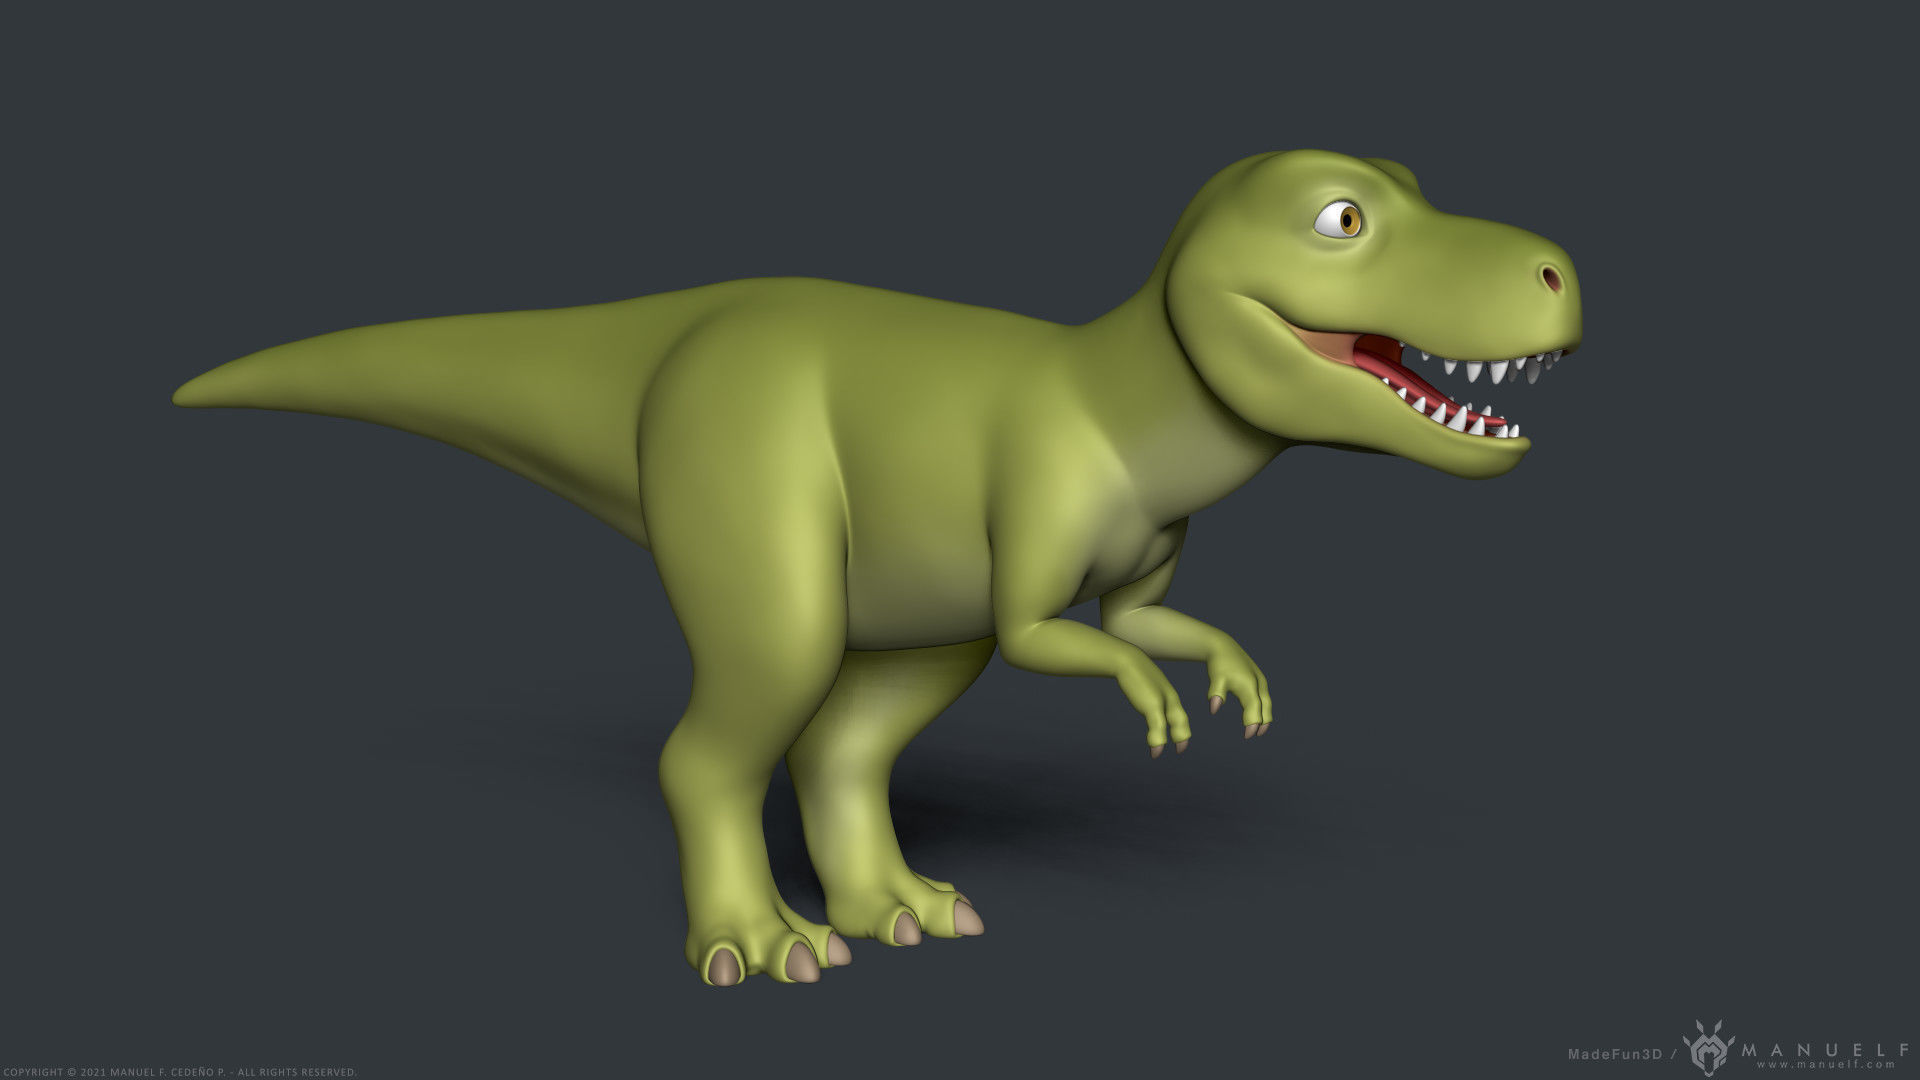 Stylized Cartoon Tyrannosaurus T-Rex Dinosaur